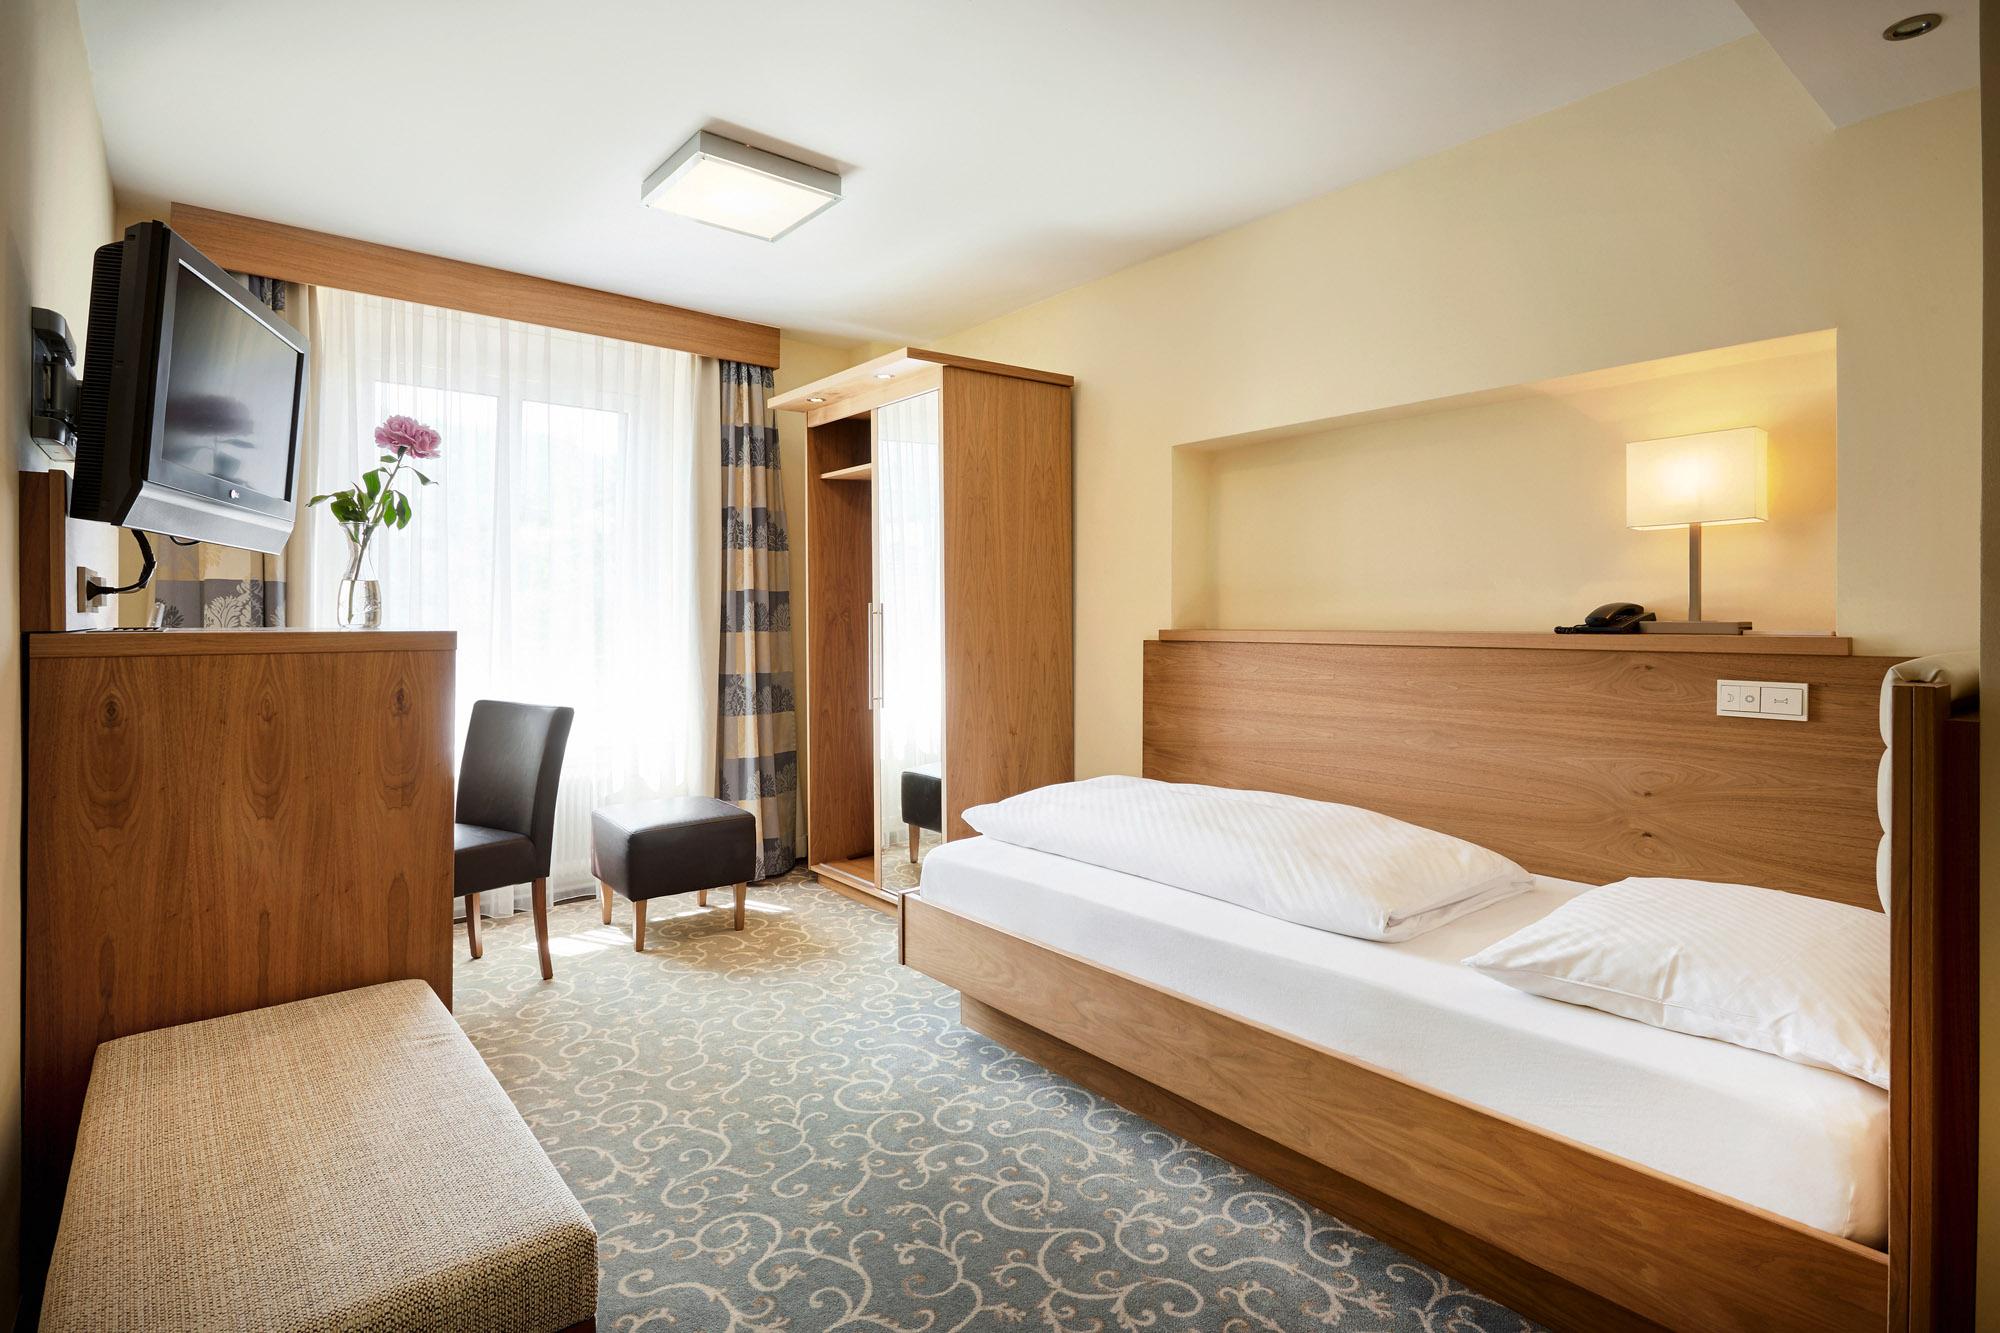 Einzelzimmer Classic ab € 82,75 pro Nacht inklusive Frühstück & Ortstaxe